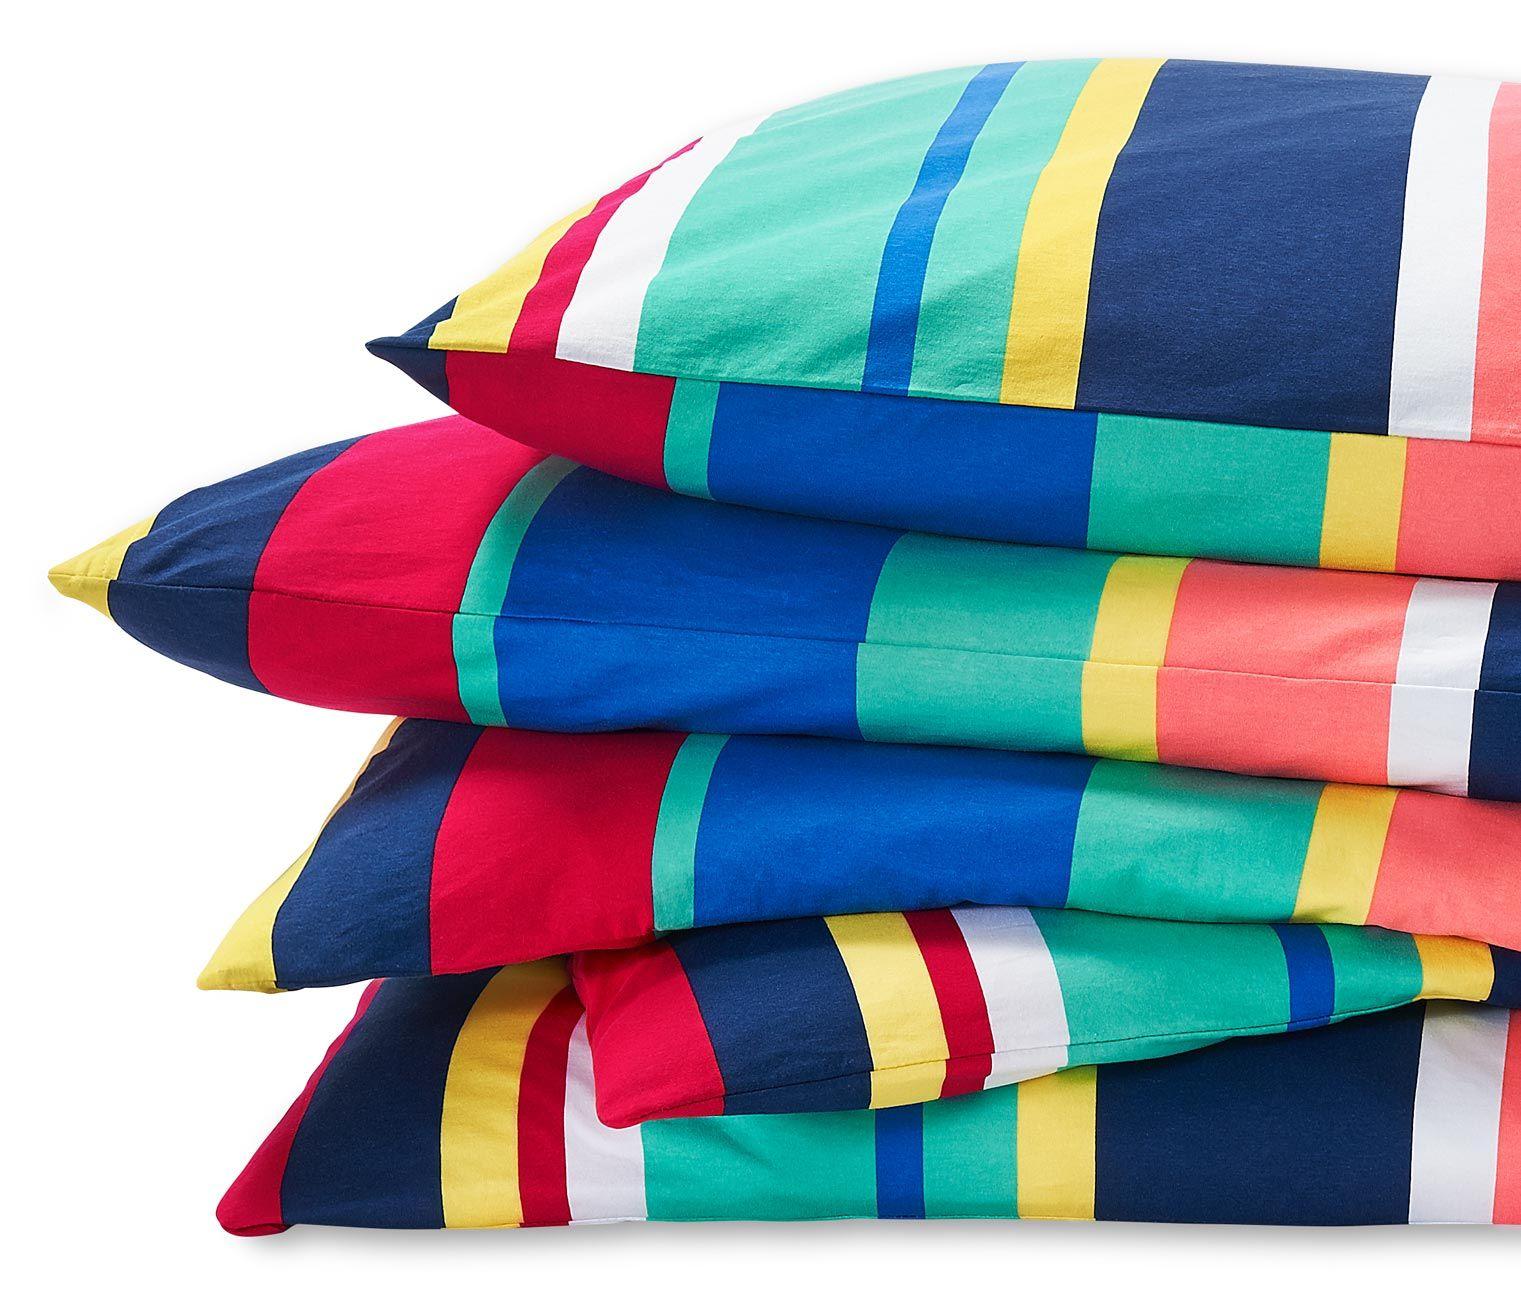 Jersey Bettwäsche Streifen Online Bestellen Bei Tchibo 307384 Wir